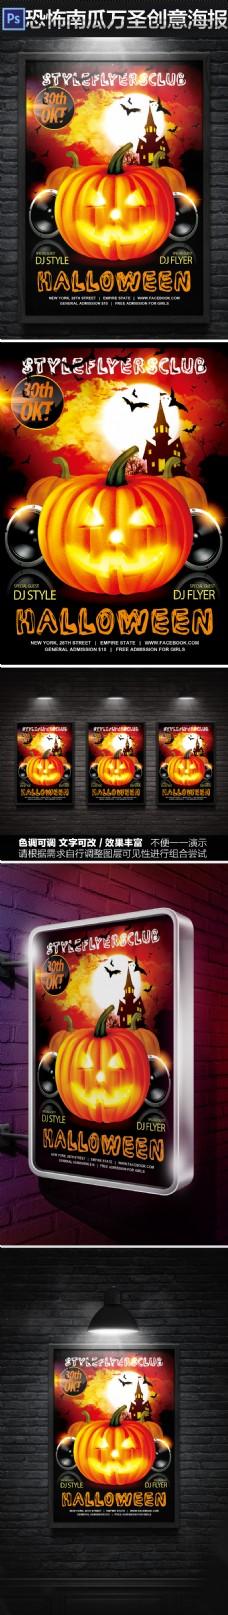 恐怖南瓜灯万圣节晚会演出活动宣传海报